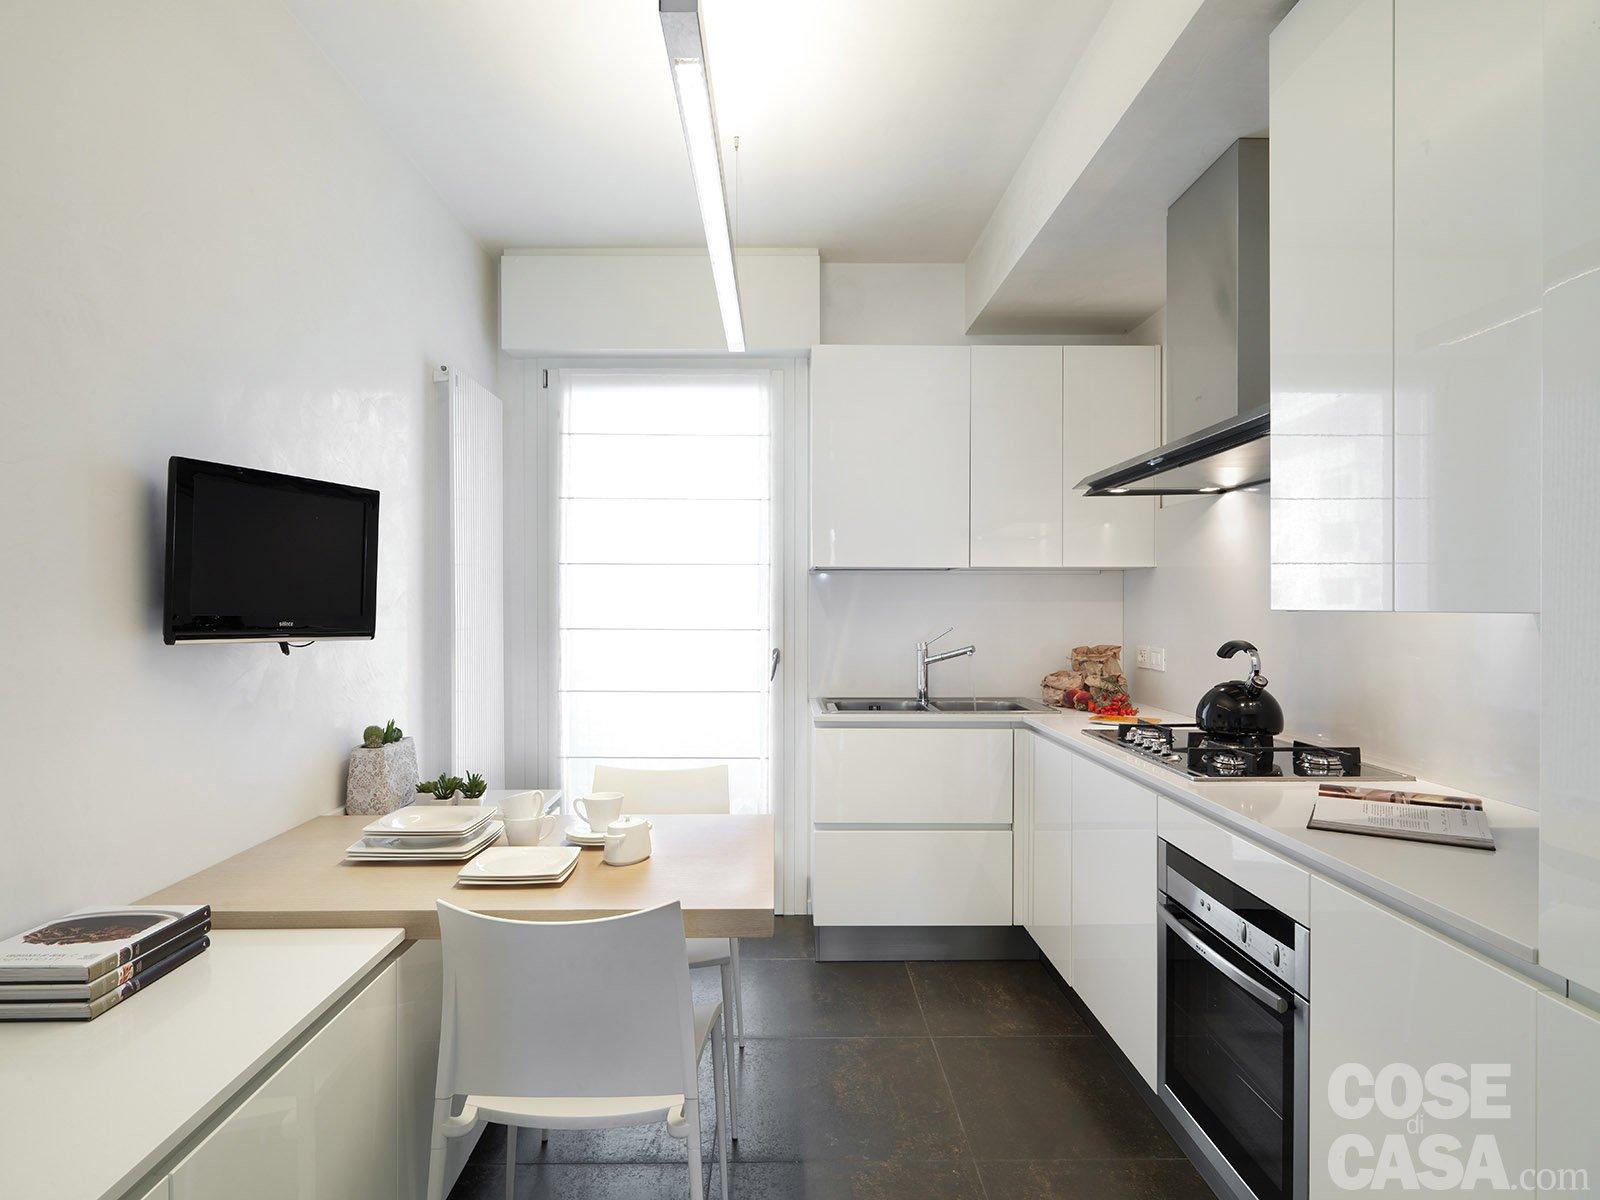 La Tua Valutazione Valutazione Utente : 3 ( 17 Voti) #5A5045 1600 1200 Arredare Cucina Living Piccola